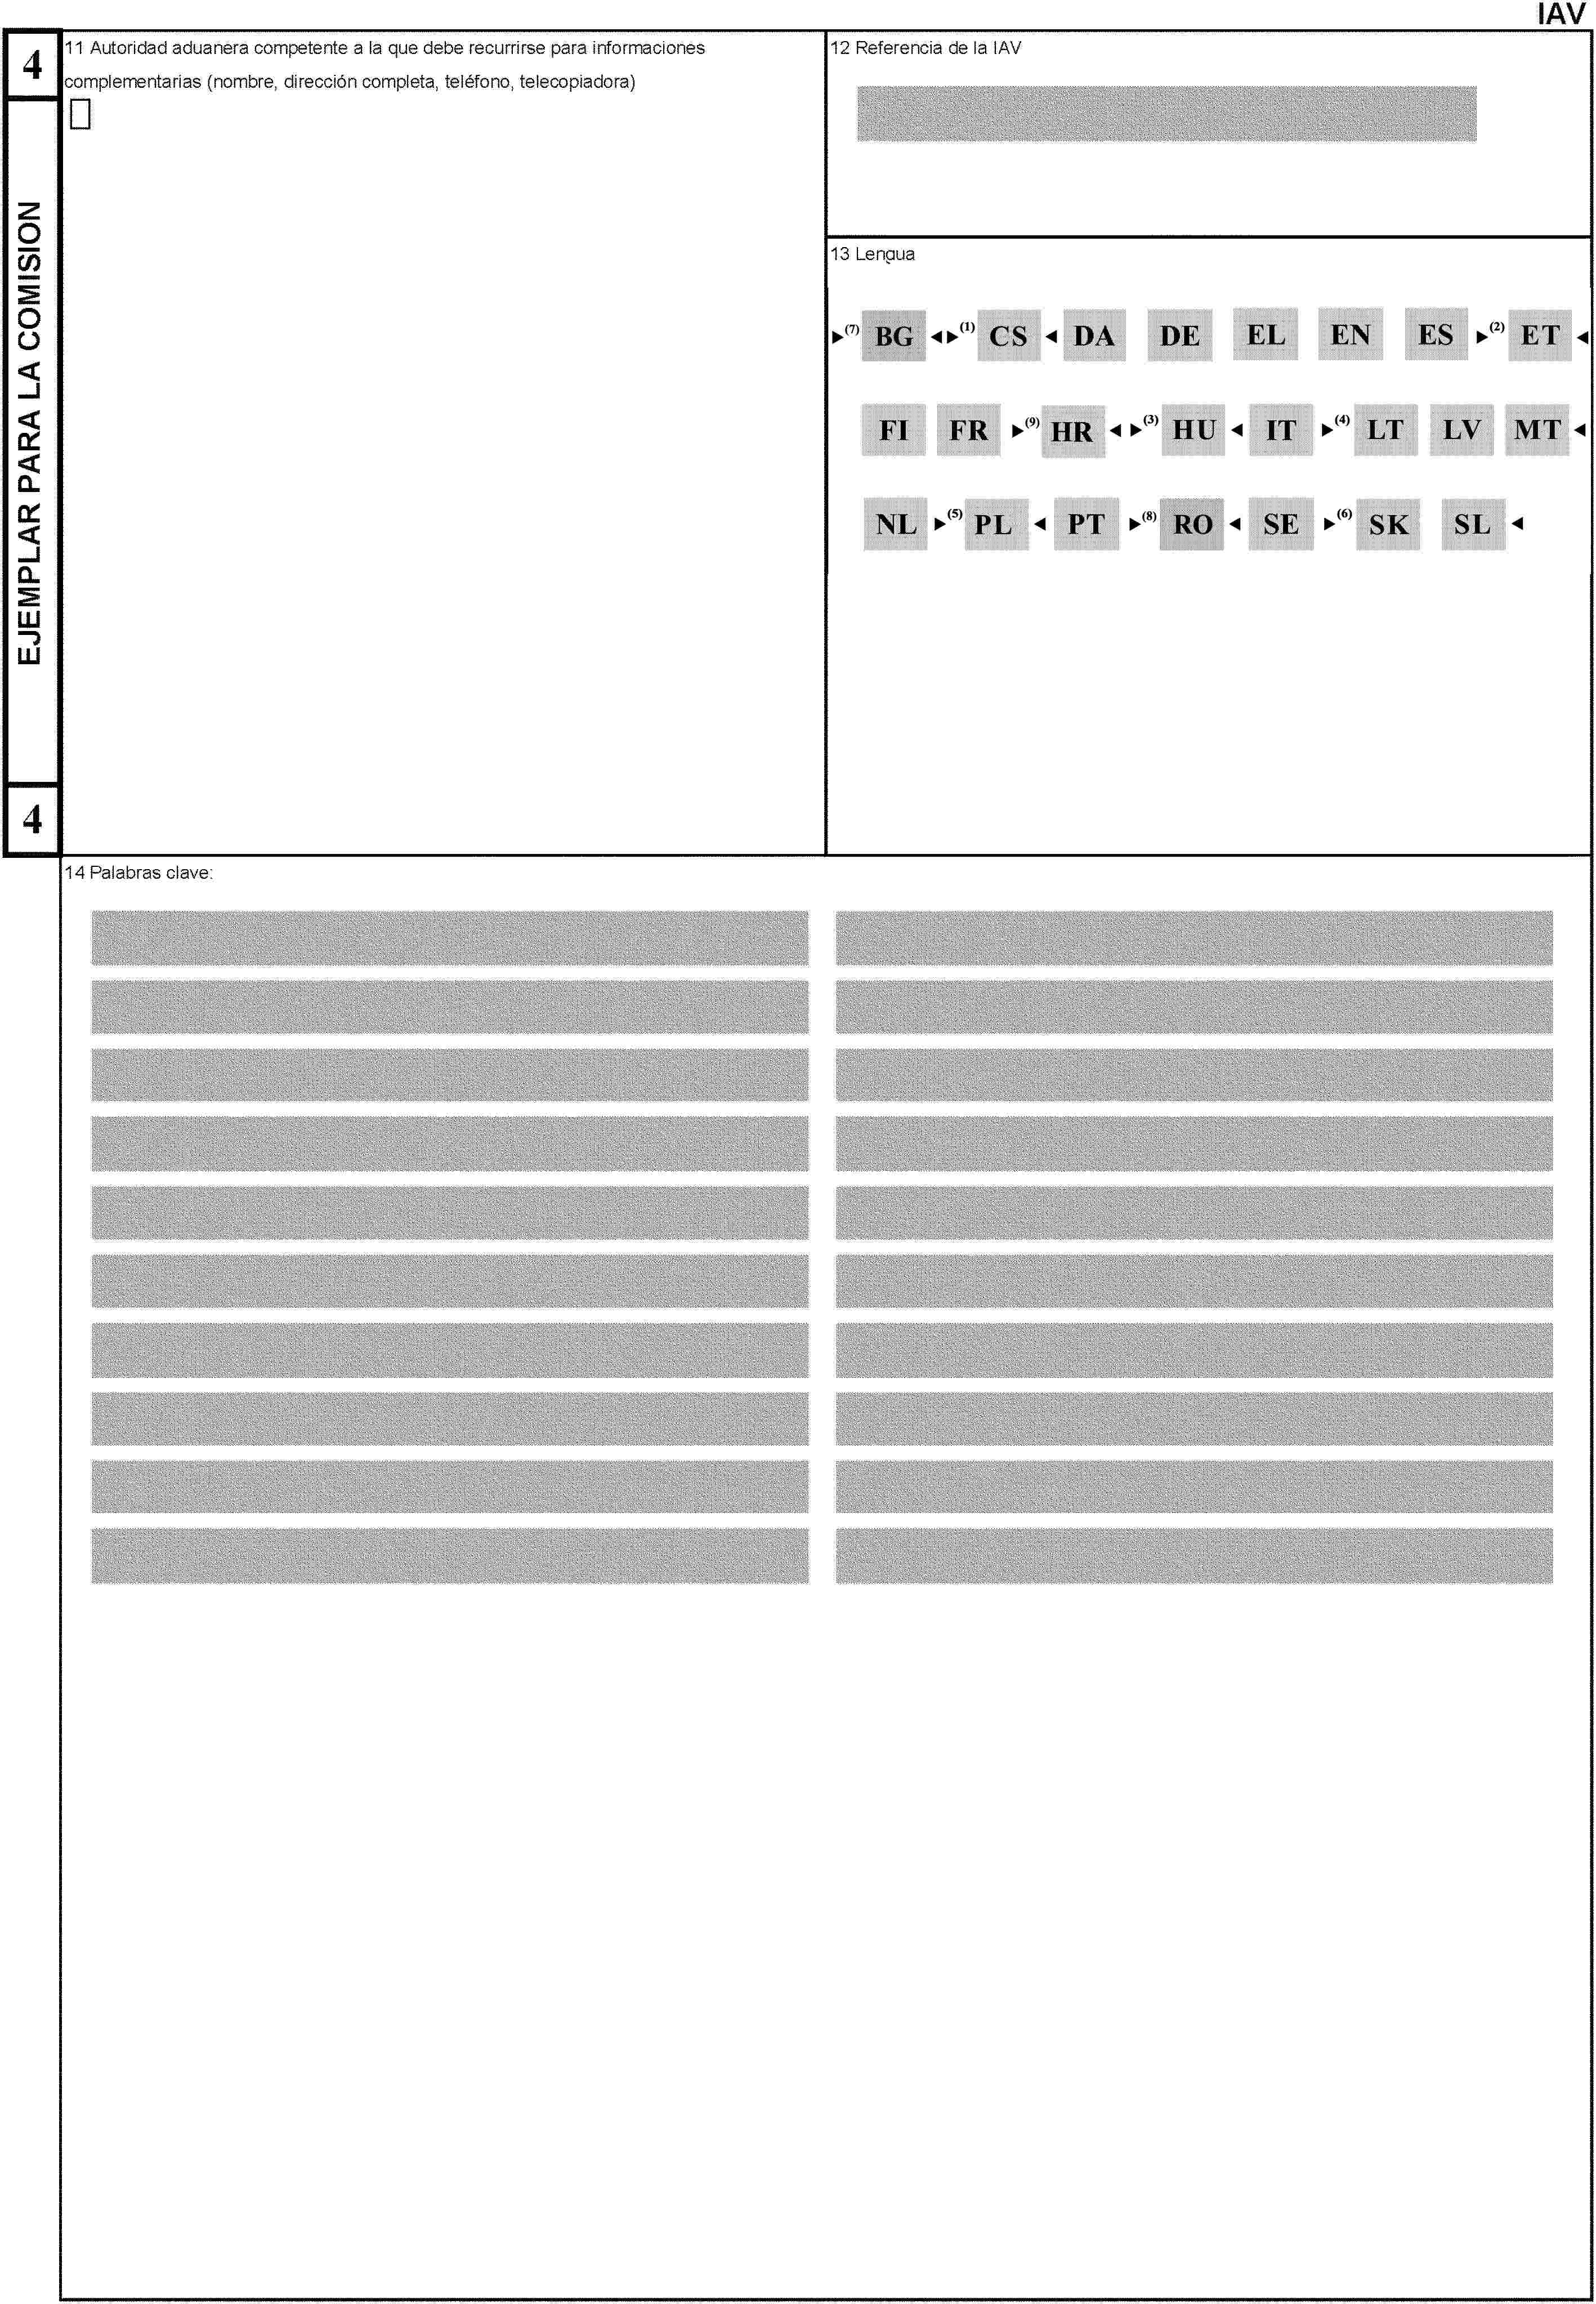 Calendario 2017 Uruguay Para Imprimir Con Feriados Mejores Y Más Novedosos Eur Lex R2454 En Eur Lex Of Calendario 2017 Uruguay Para Imprimir Con Feriados Más Recientemente Liberado Eur Lex R2454 En Eur Lex